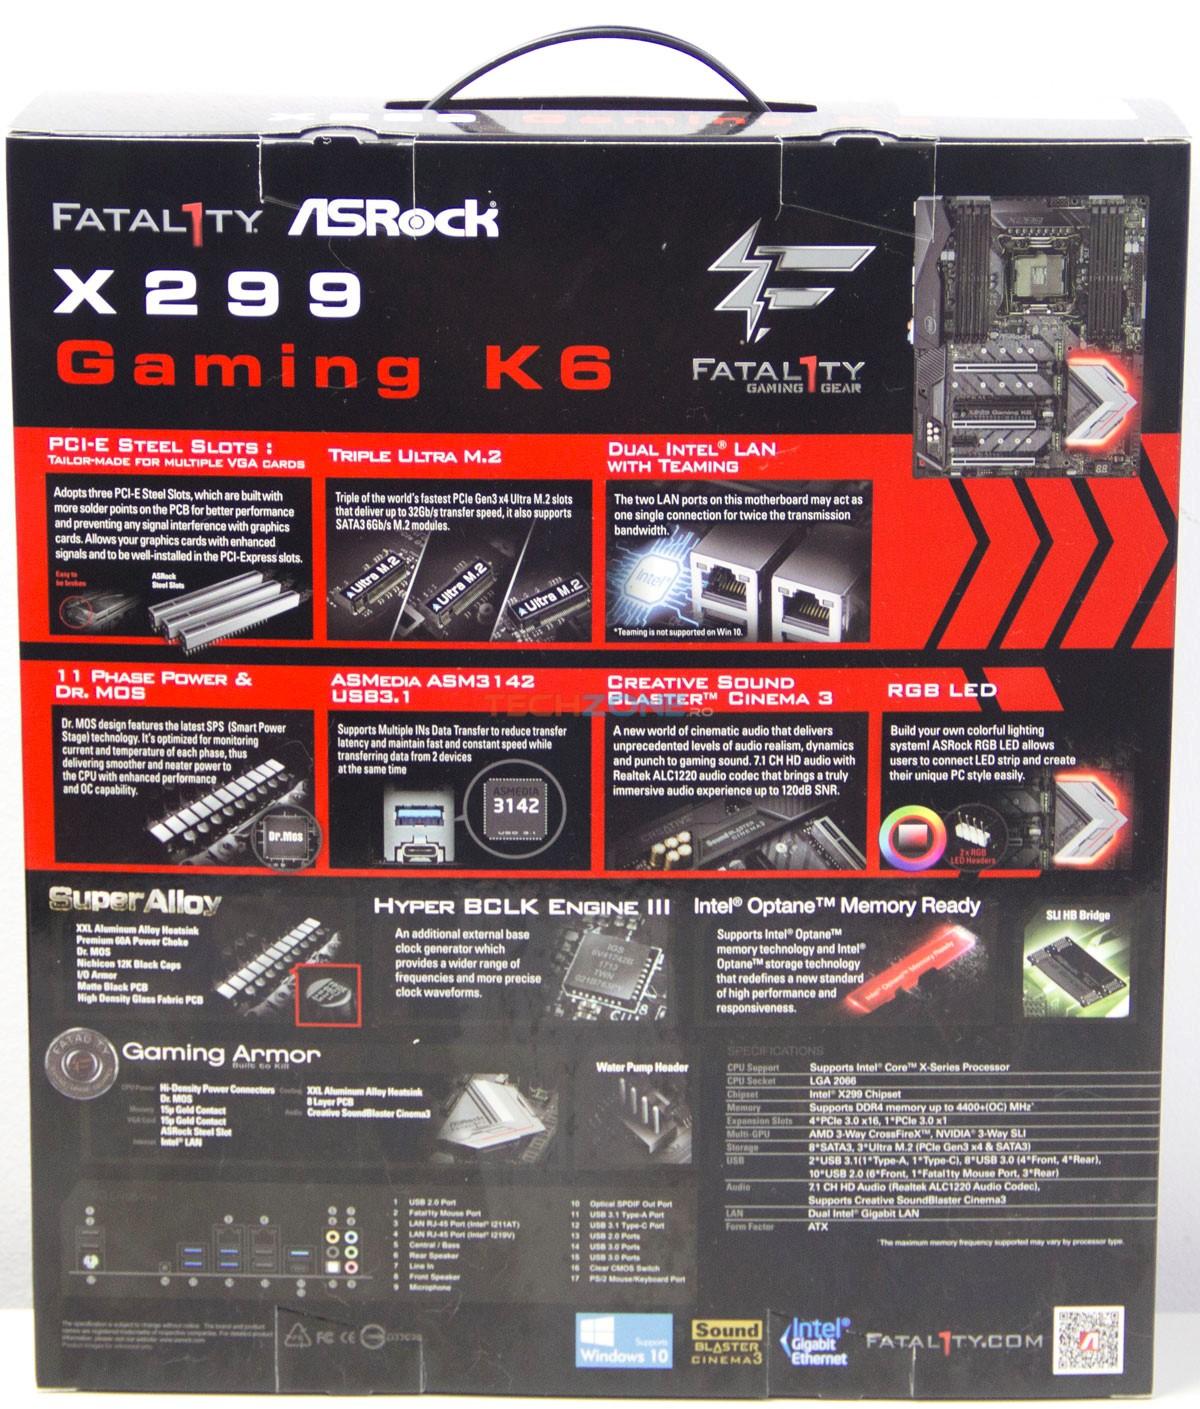 ASRock X299 Gaming K6 box back